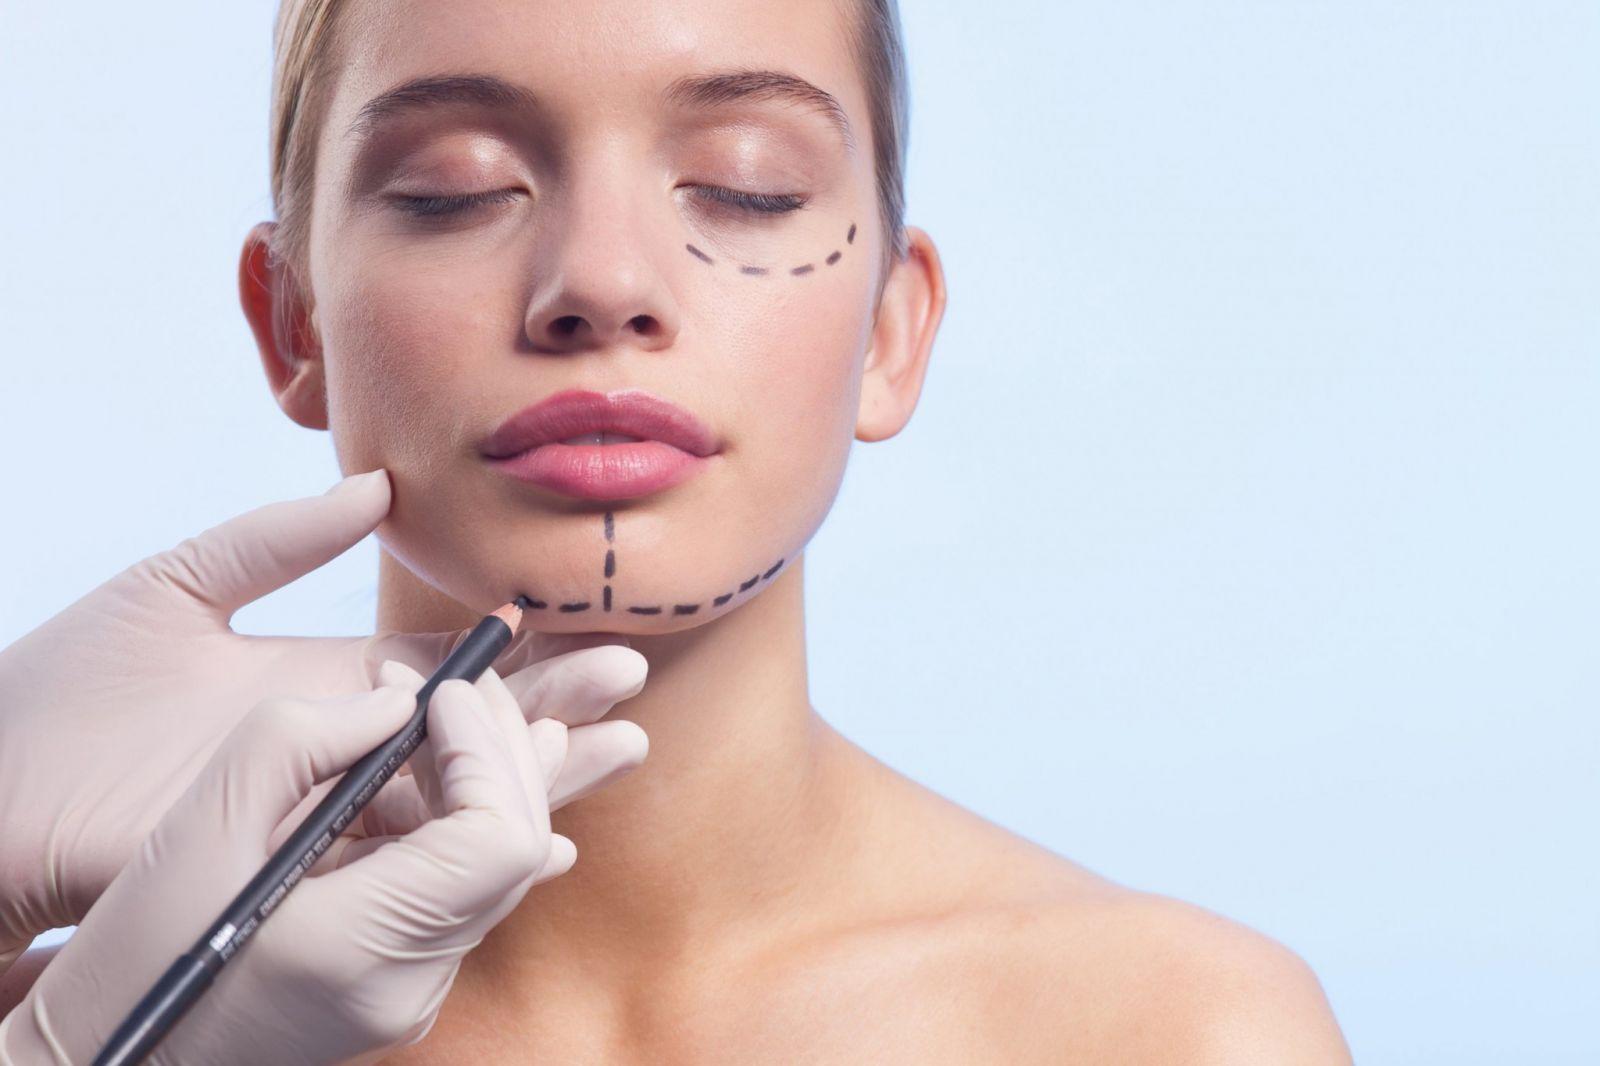 5 Summer Makeup Tips